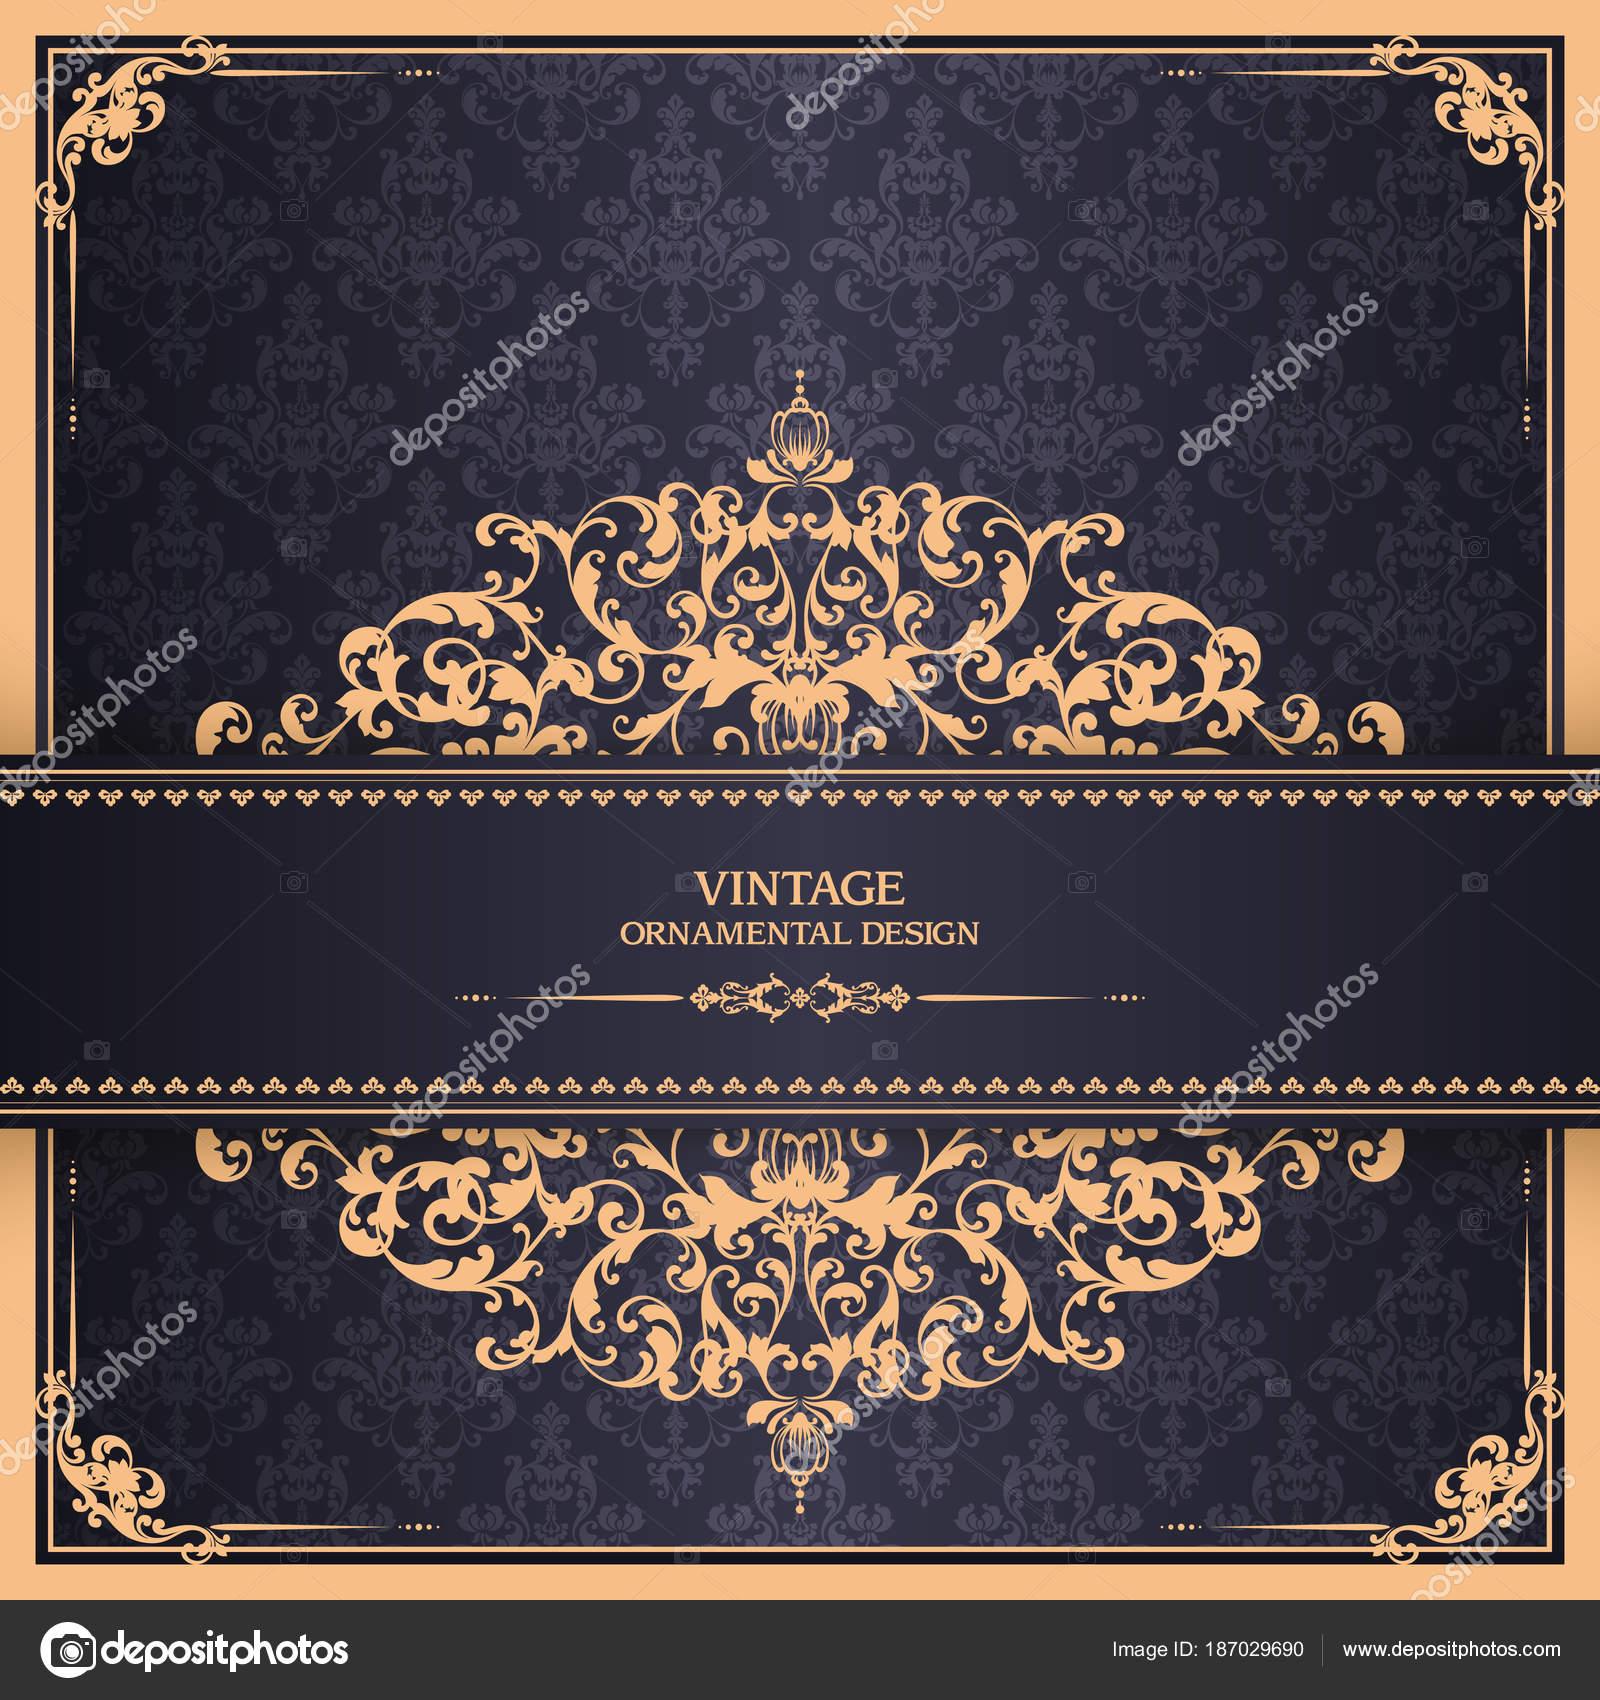 Printvintage Vorlage mit Muster und reich verzierten Rahmen ...